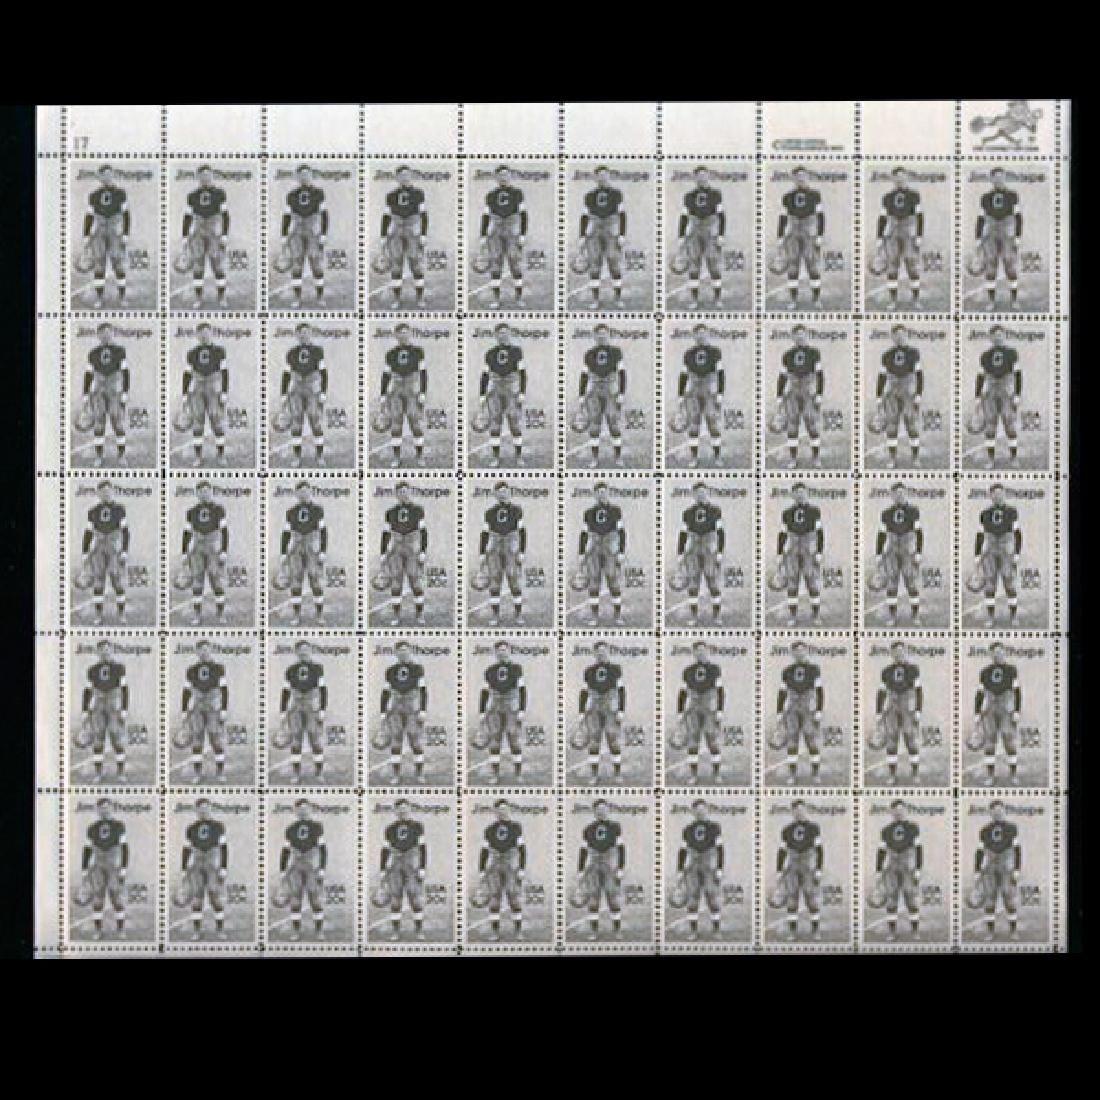 1984 US Sheet 20c Jim Thorpe Stamps MNH Error RARE